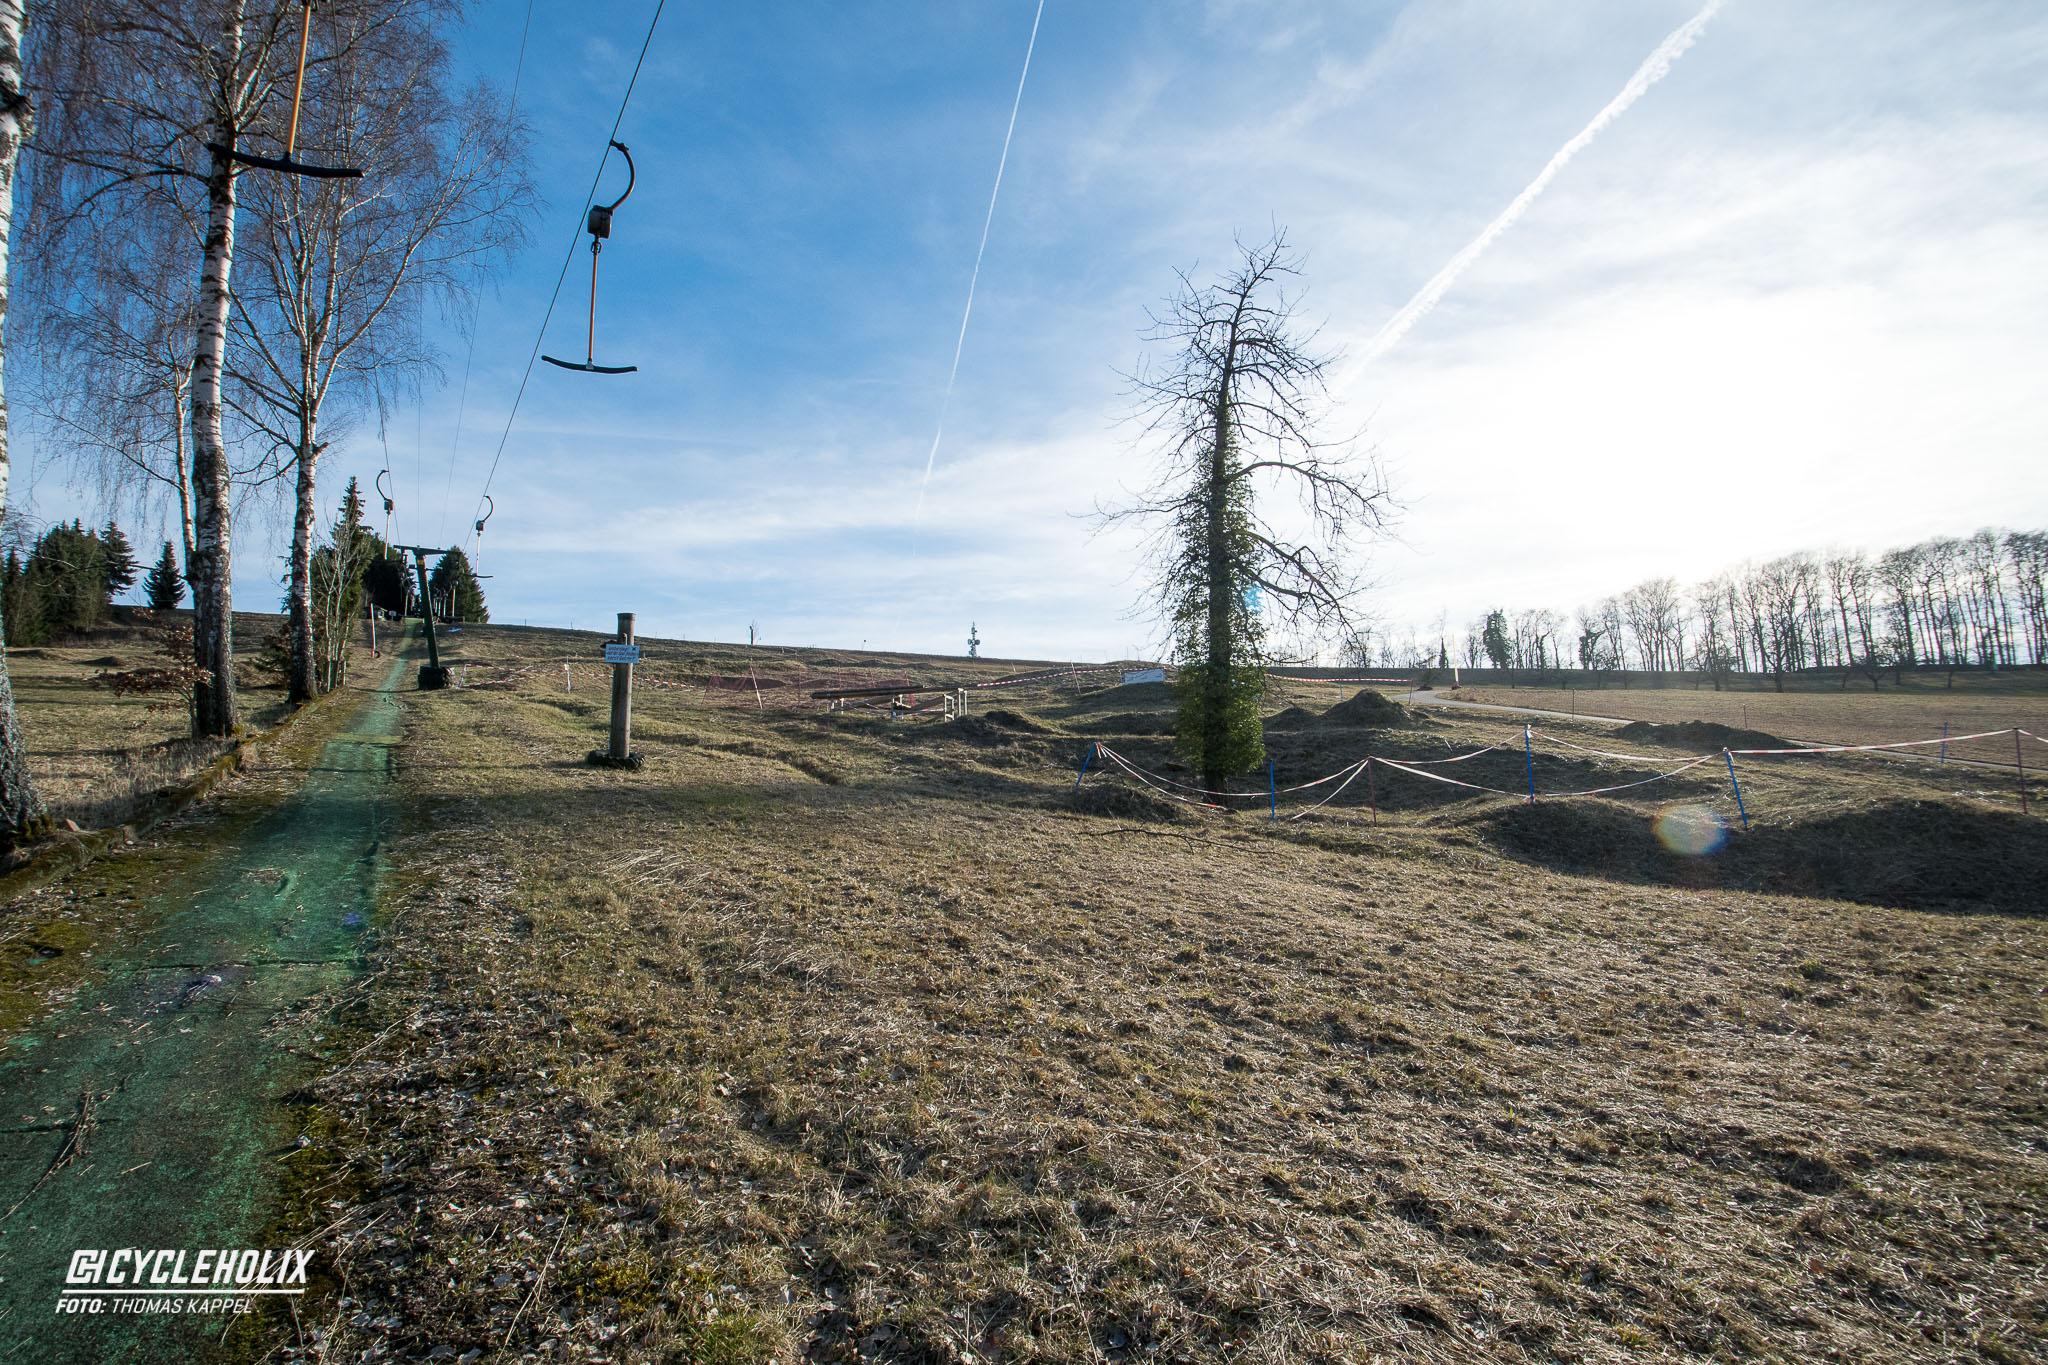 2019 Bikepark Großerlach 2